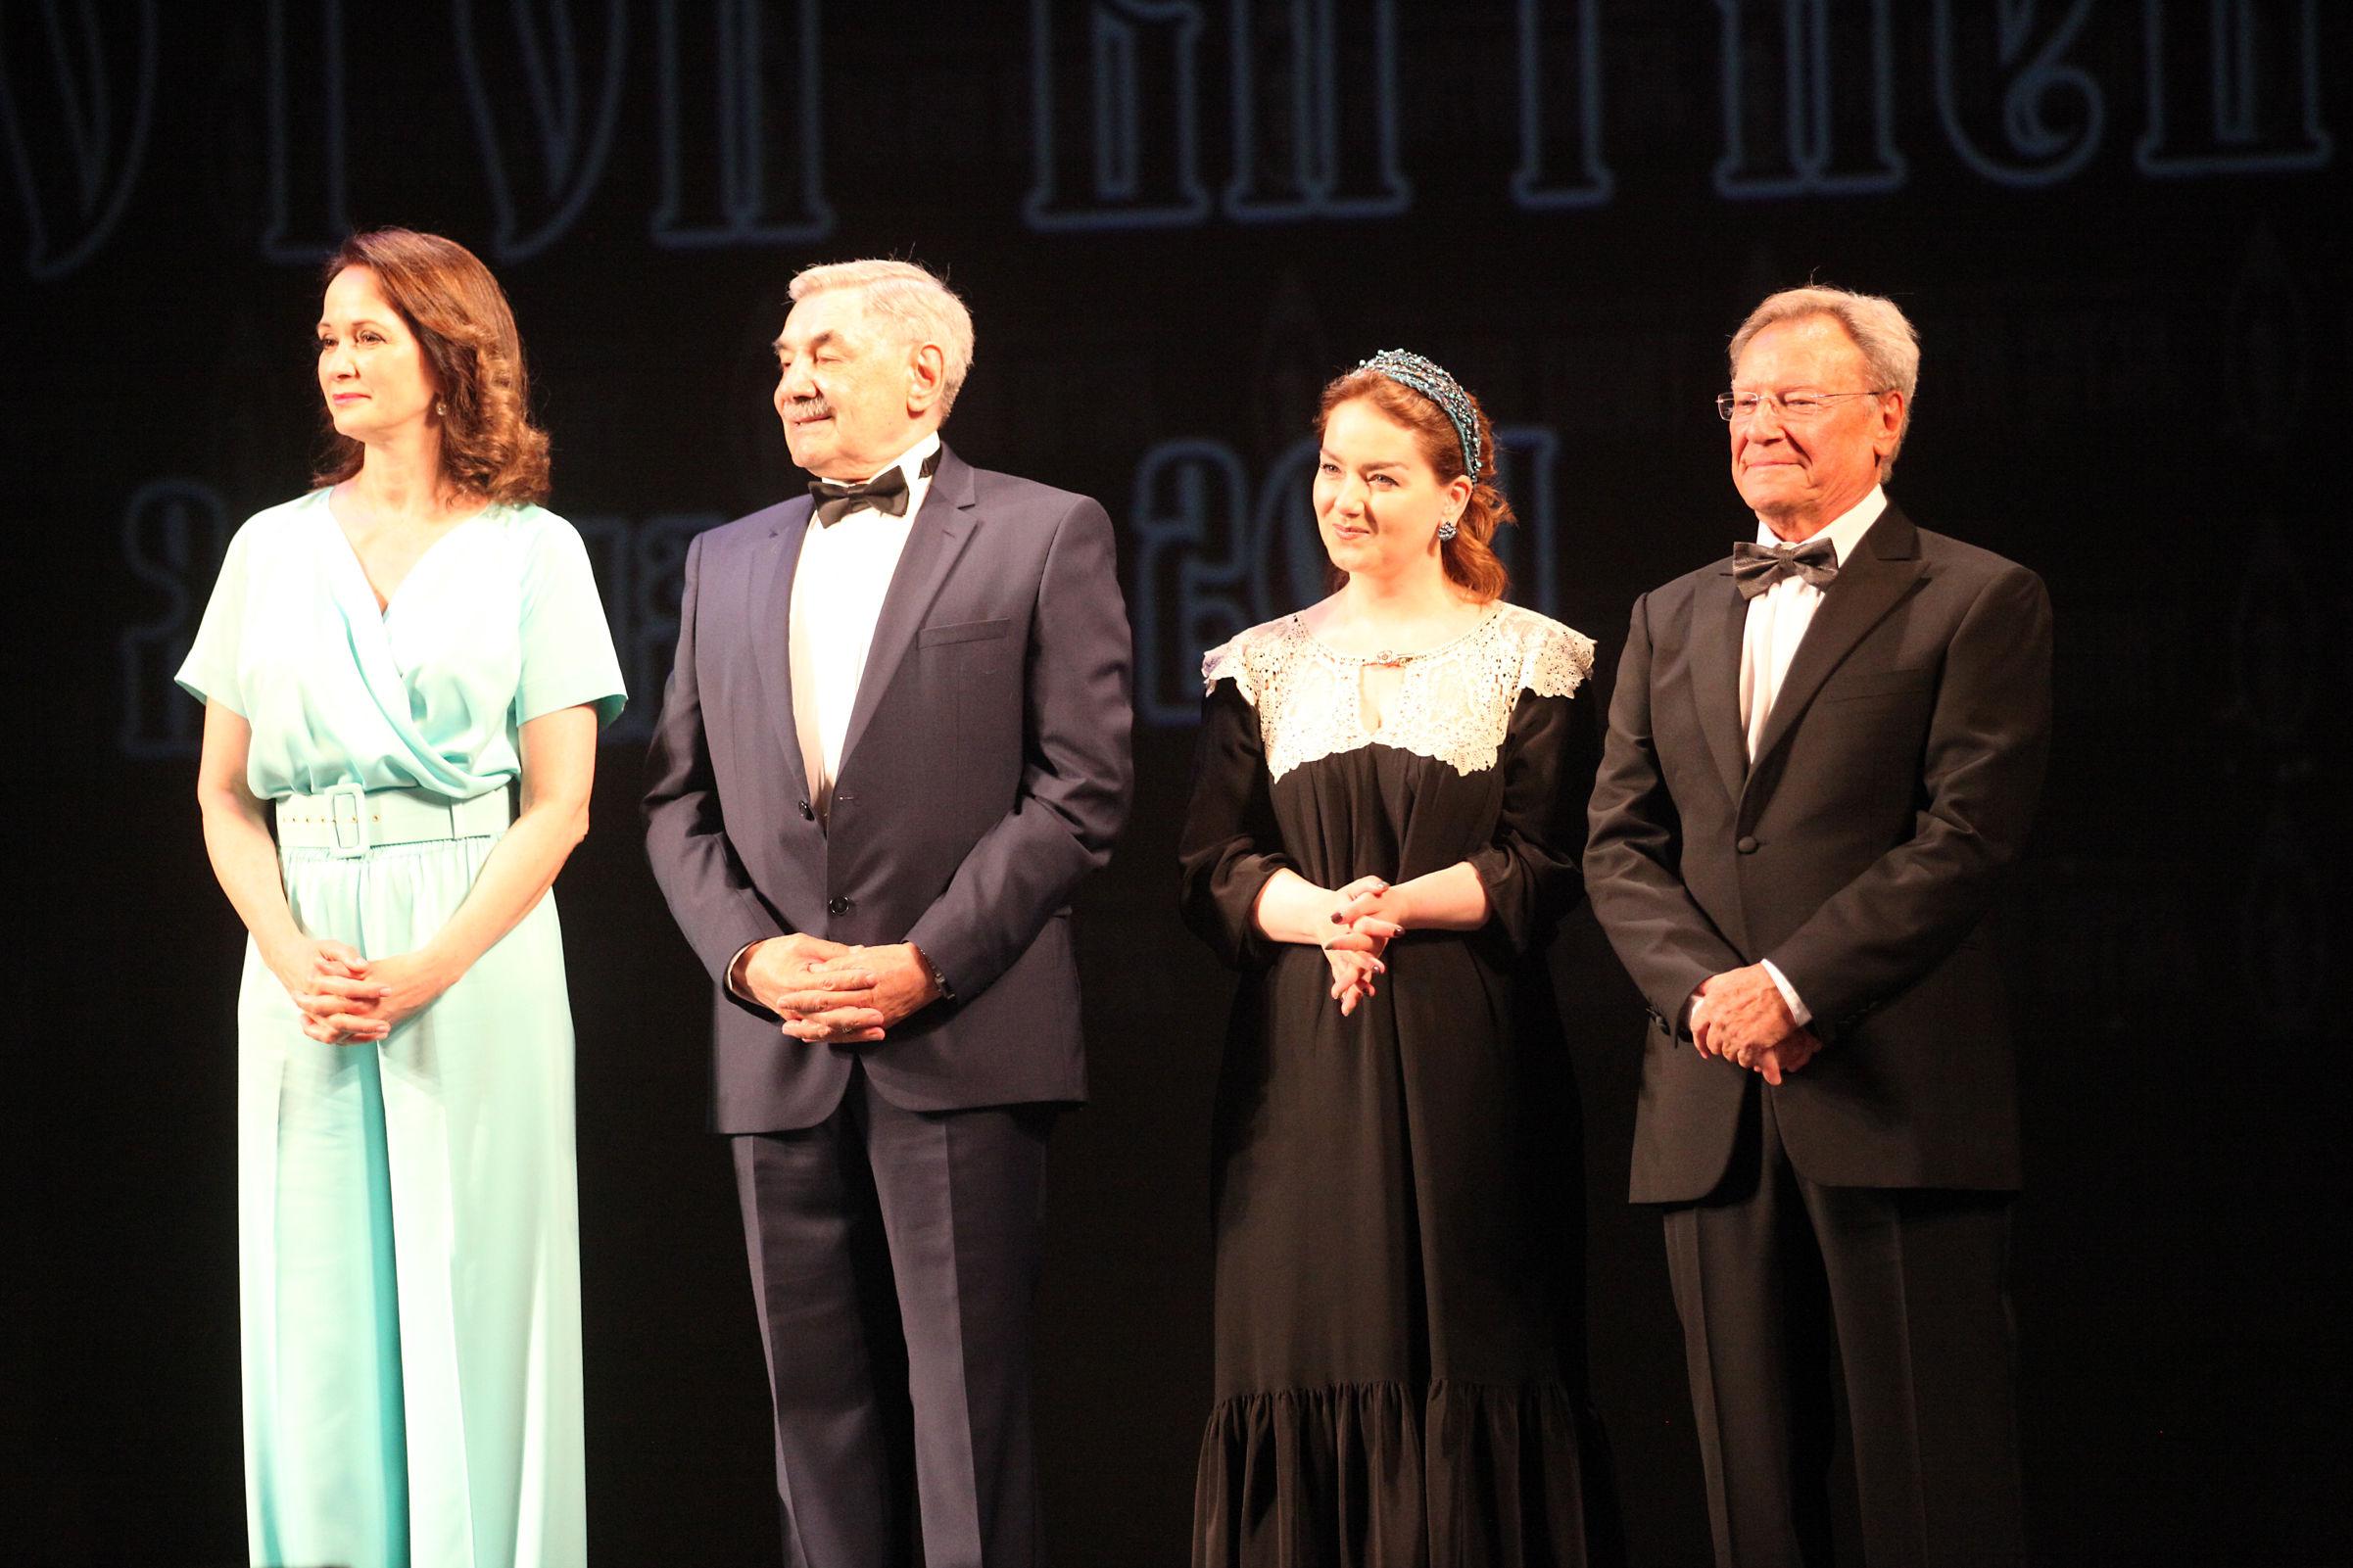 Панкратов-Черный, Скляр, Баринов и другие звезды кино поучаствовали в международном фестивале в Ярославле